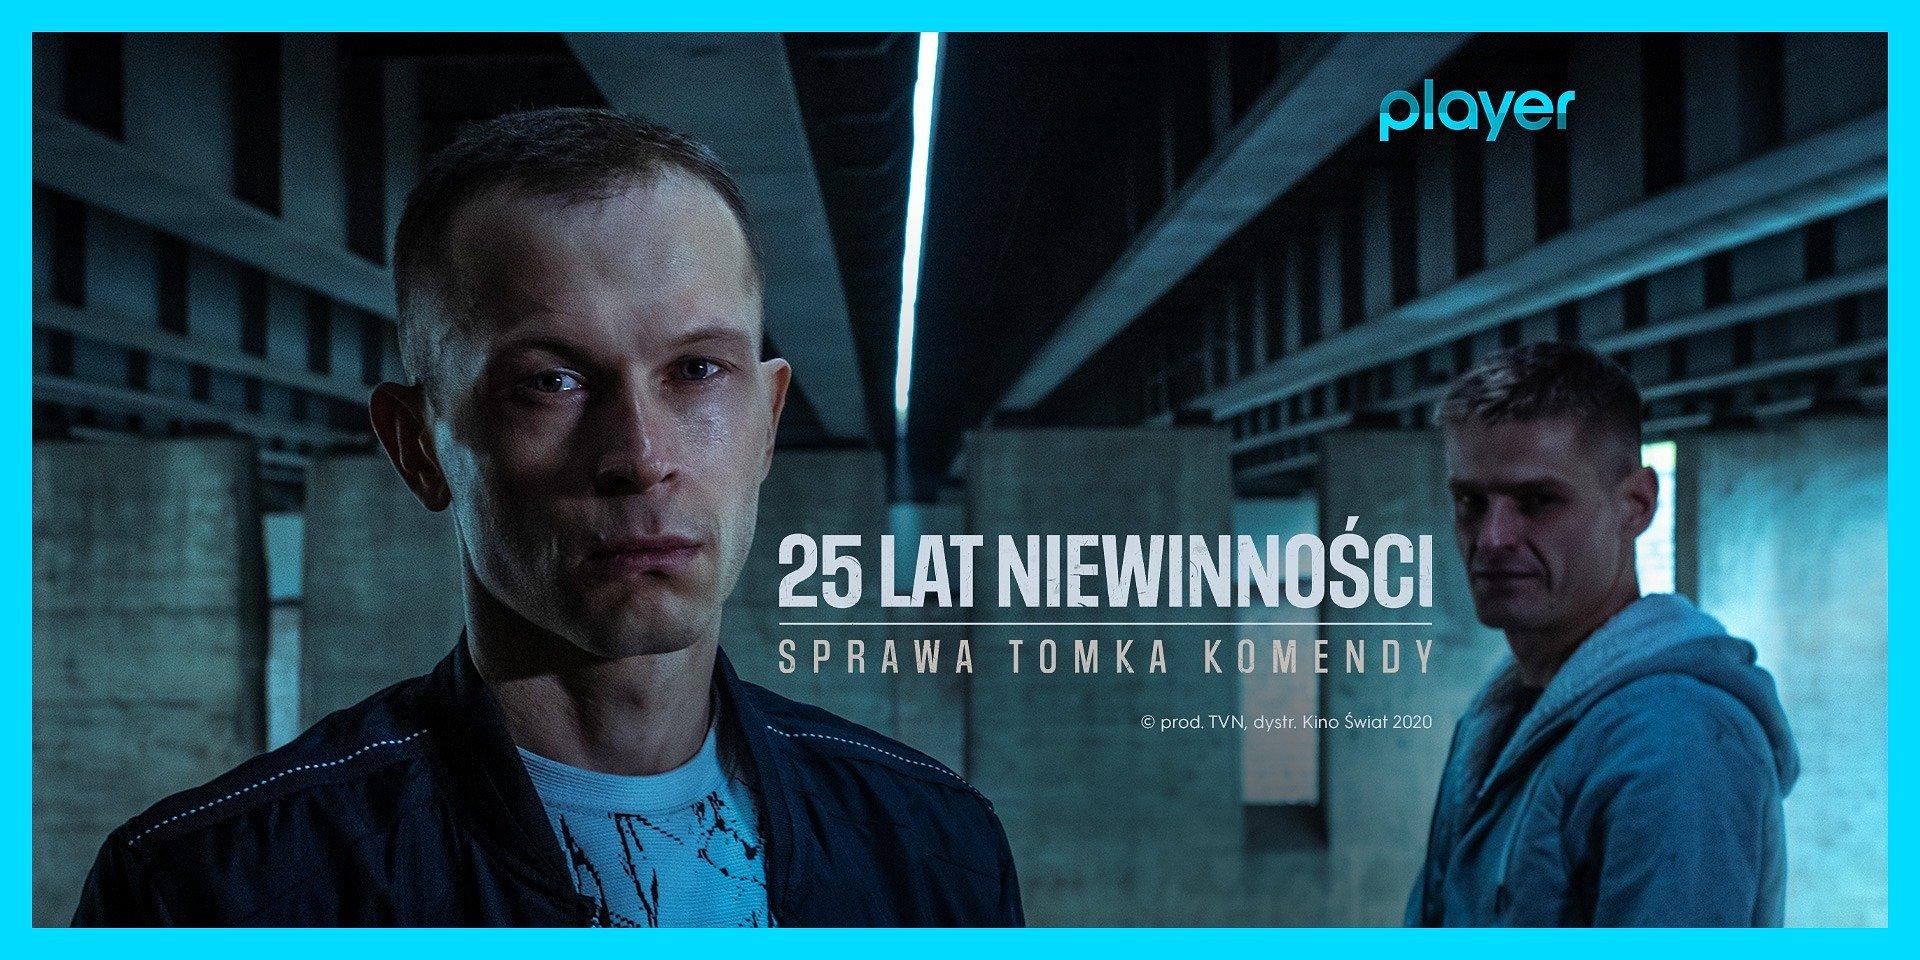 """""""25 lat niewinności. Sprawa Tomka Komendy"""" – głośny film dołącza do oferty Playera!"""